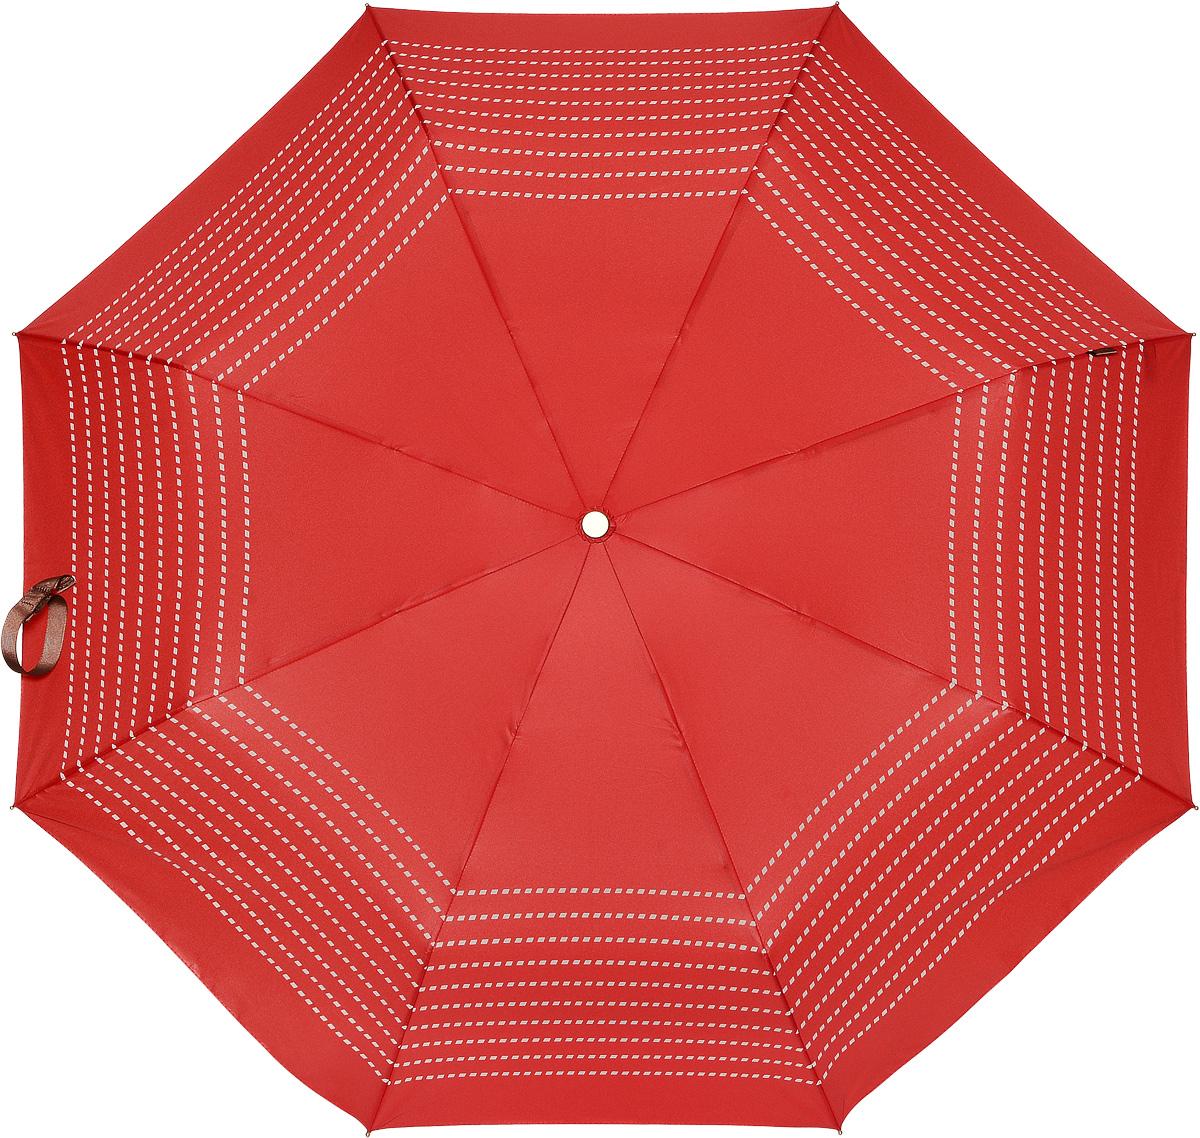 M&P 5789-6 Зонт полный автом. 3 сл. жен.5789-6Зонт испанского производителя Clima. В производстве зонтов используются современные материалы, что делает зонты легкими, но в то же время крепкими. Полный автомат, 3 сложения, 7 спиц, полиэстер.